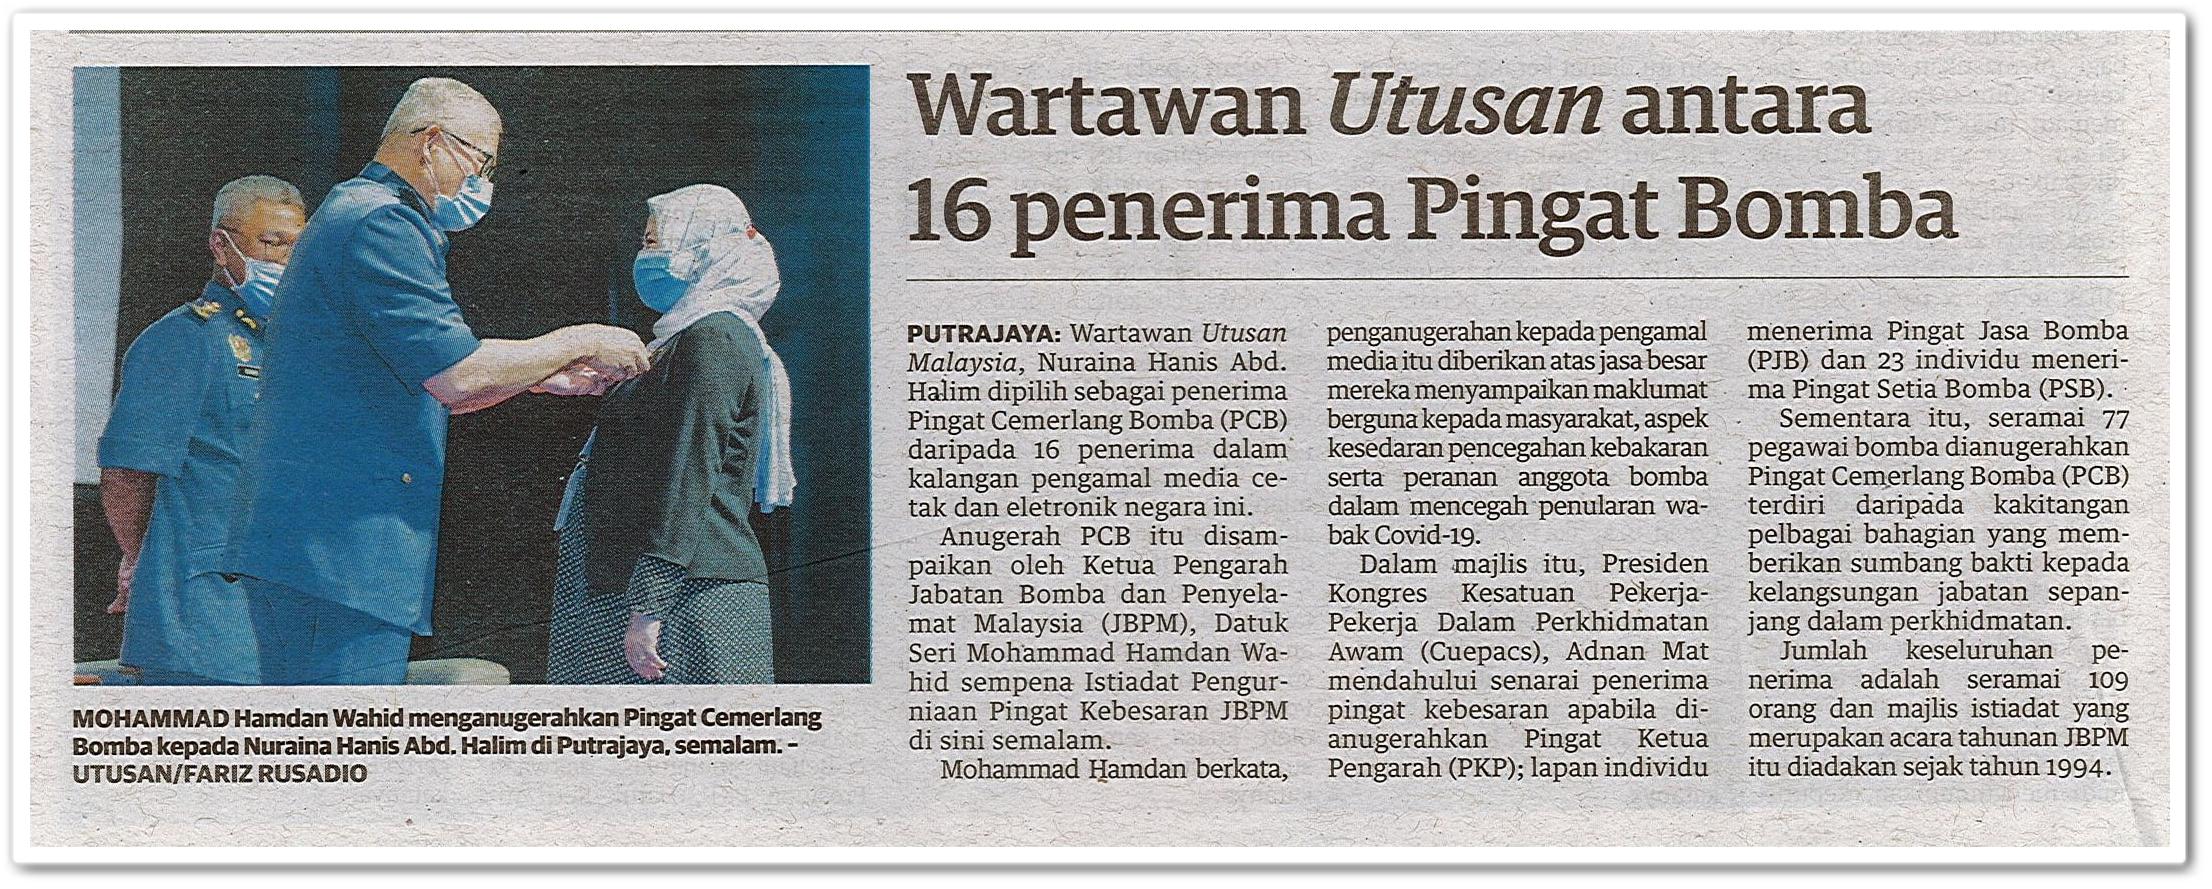 Wartawan Utusan antara 16 penerima Pingat Bomba - Keratan akhbar Utusan Malaysia 10 Oktober 2020